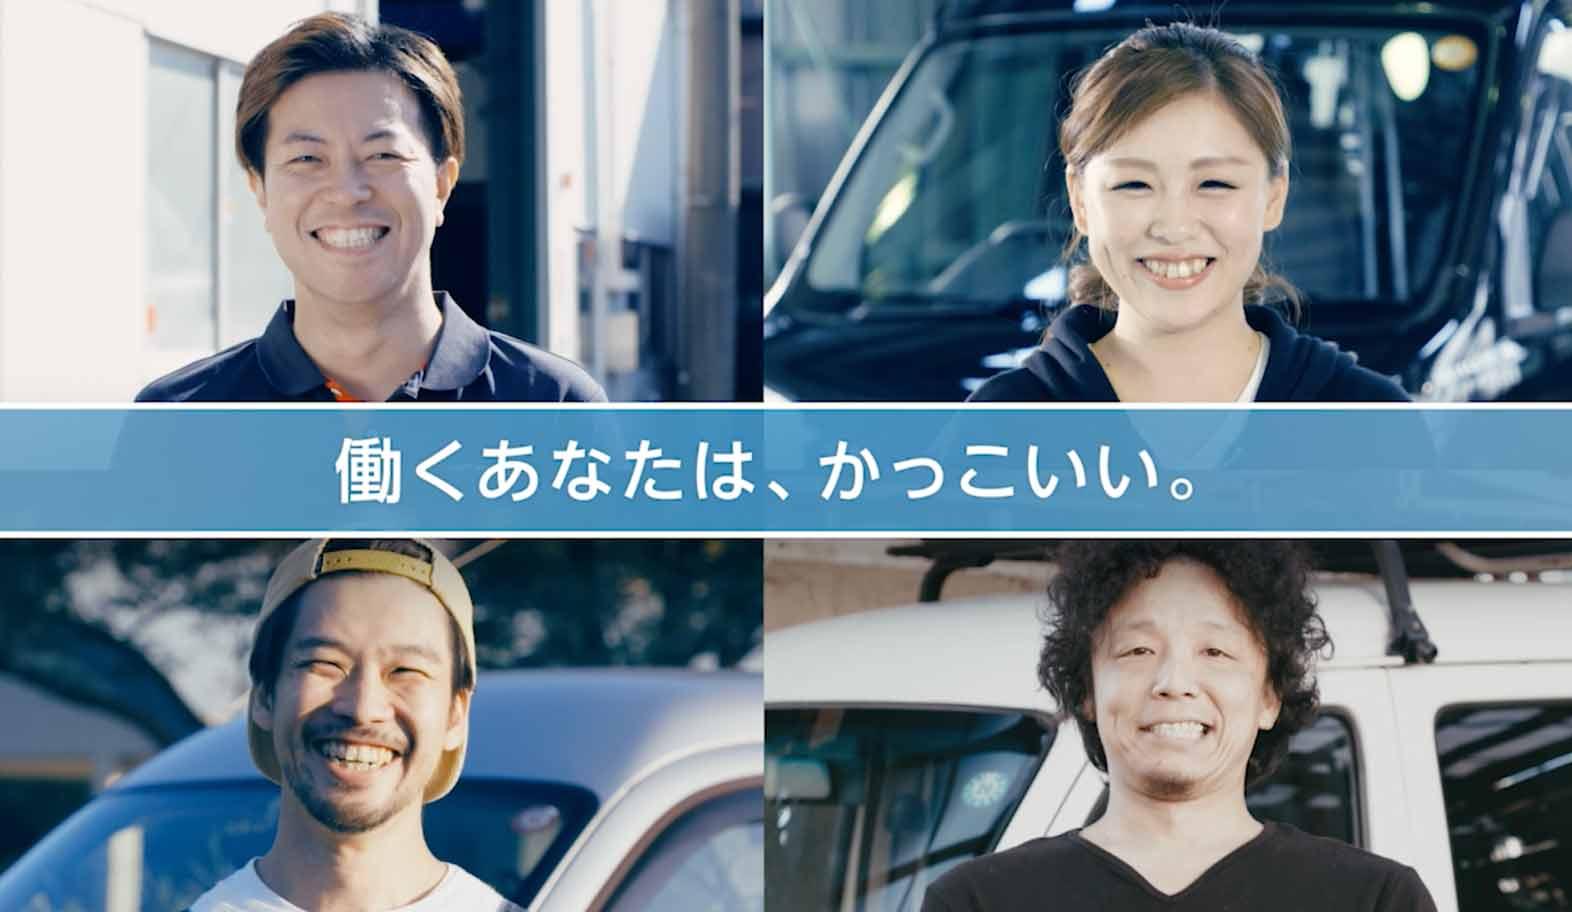 新型ハイゼットカーゴ,宅配,中島健太,佐々木美由紀,トランプ社